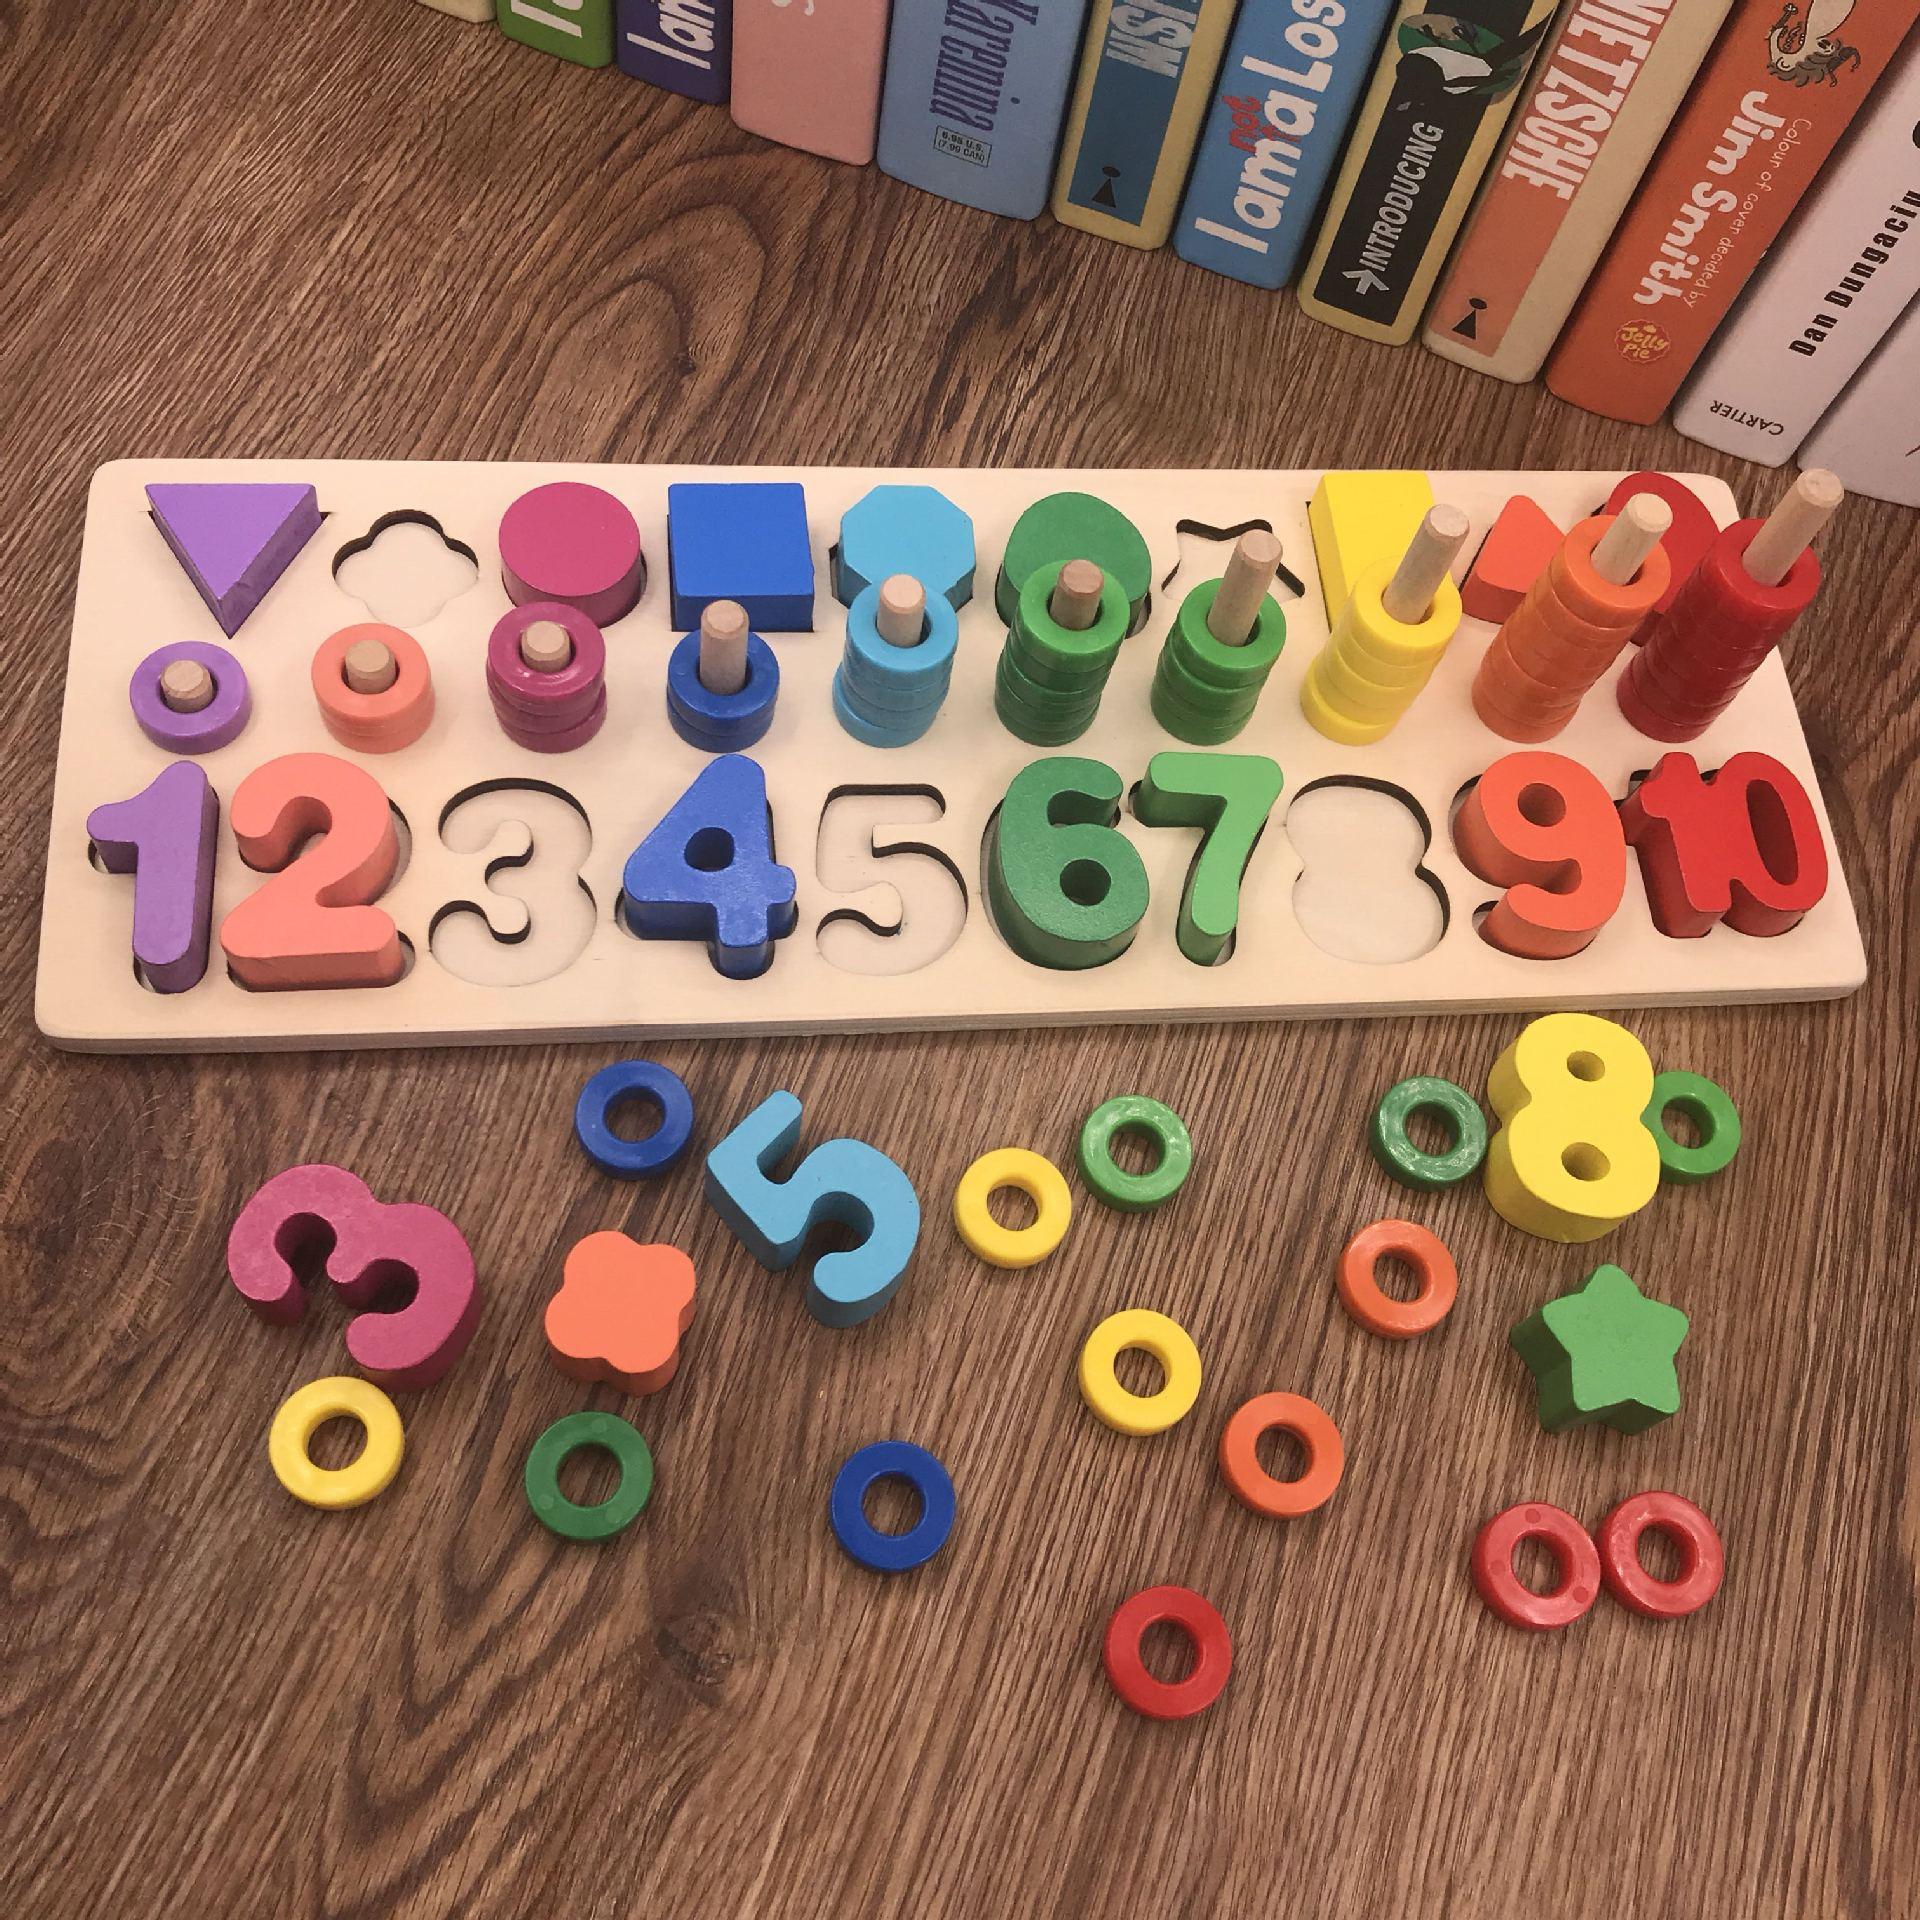 Carte d'apprentissage logarithme de mathématiques de maternelle éducative cercle arc-en-ciel correspondant pour les jouets numériques d'apprentissage précoce des enfants